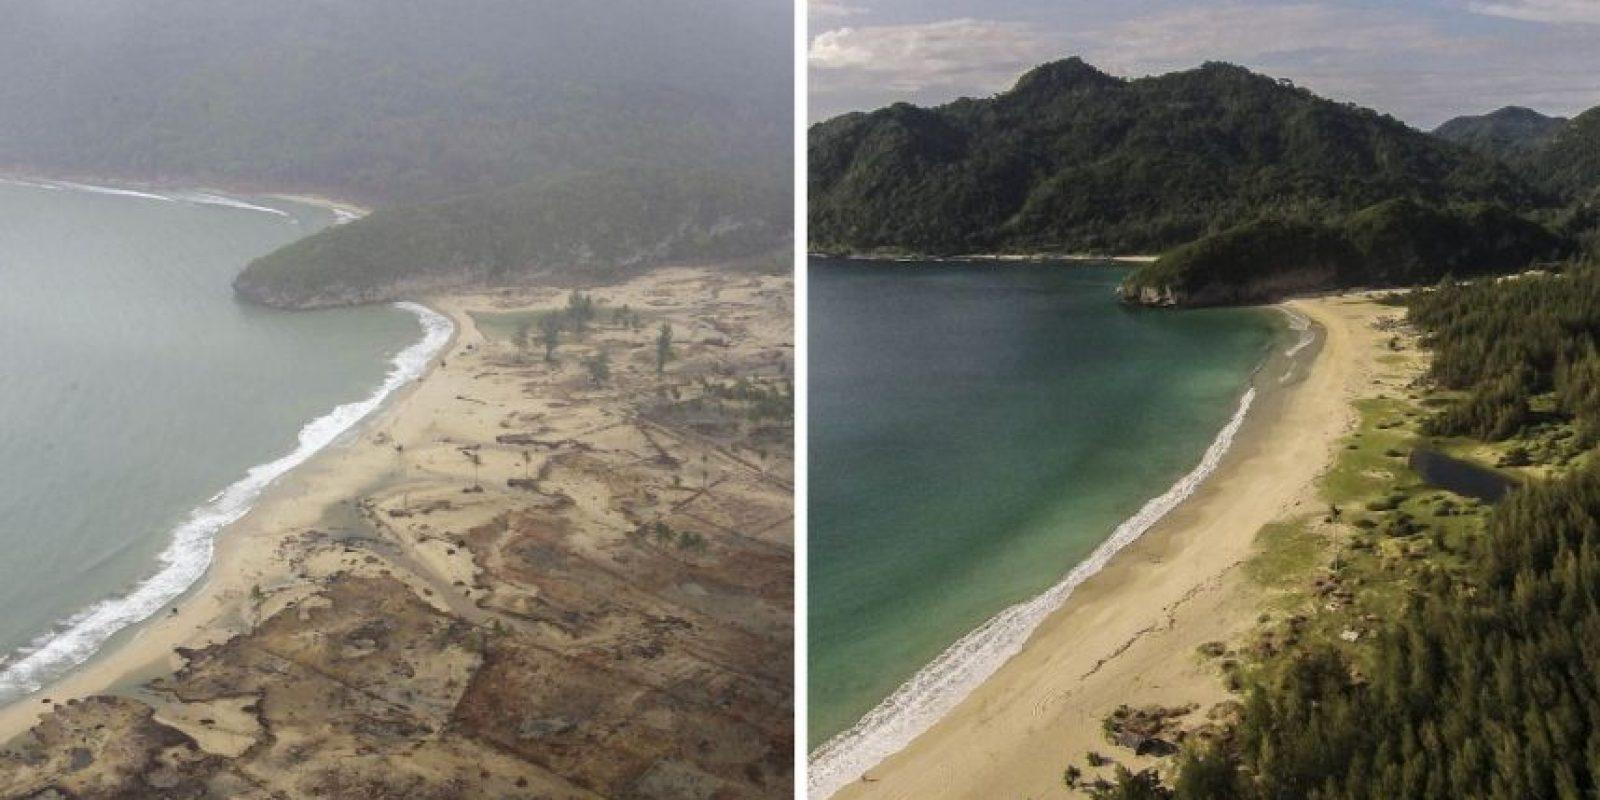 Así cambiaron los lugares destruidos por el Tsunami en el Océano Índico en 2004 Foto:Getty Images